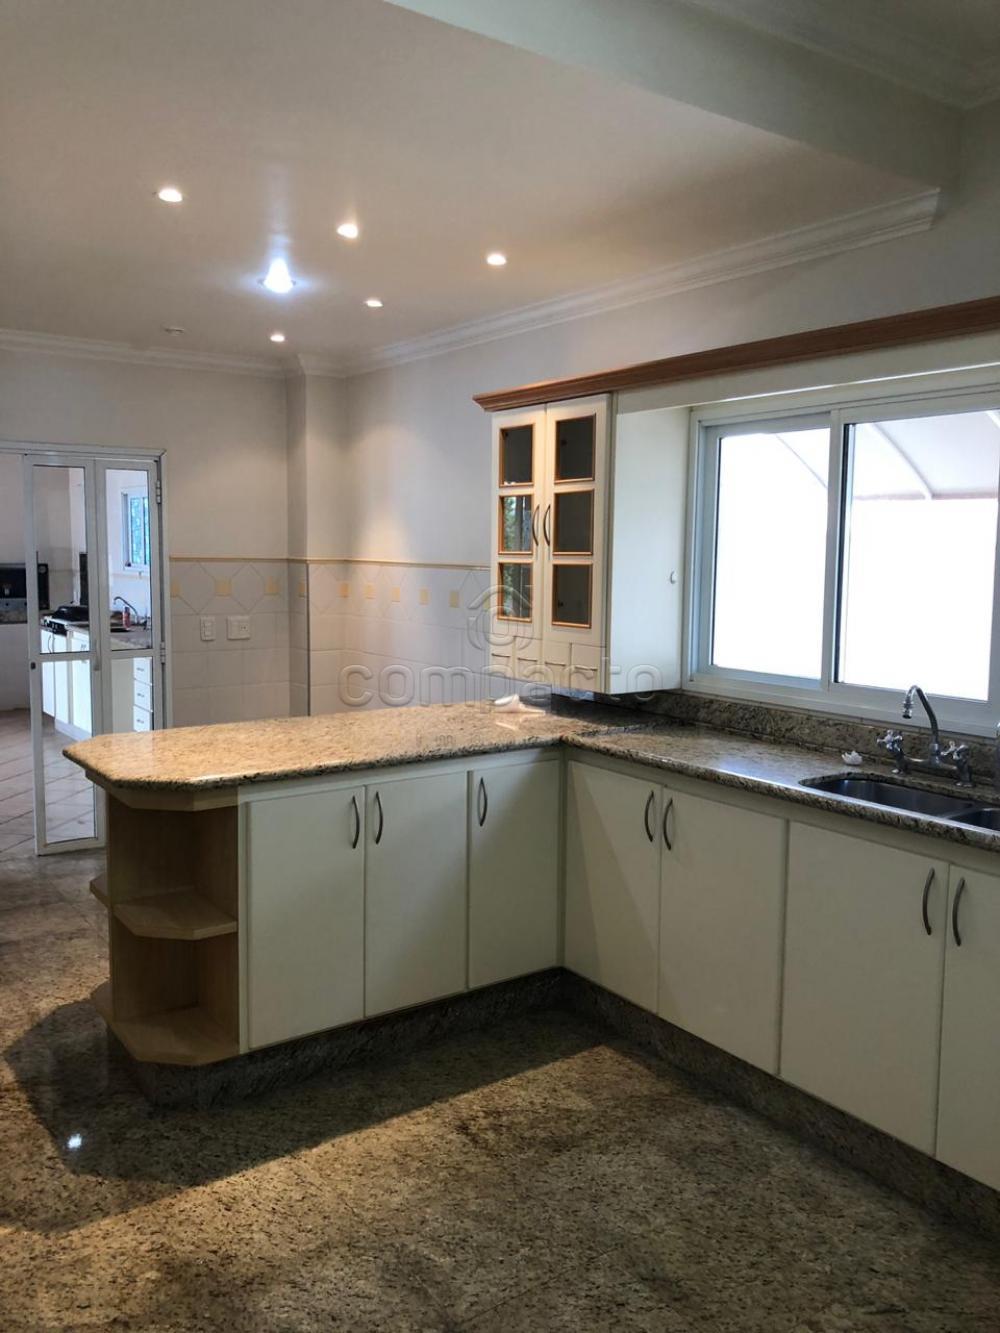 Alugar Casa / Condomínio em São José do Rio Preto apenas R$ 5.000,00 - Foto 14